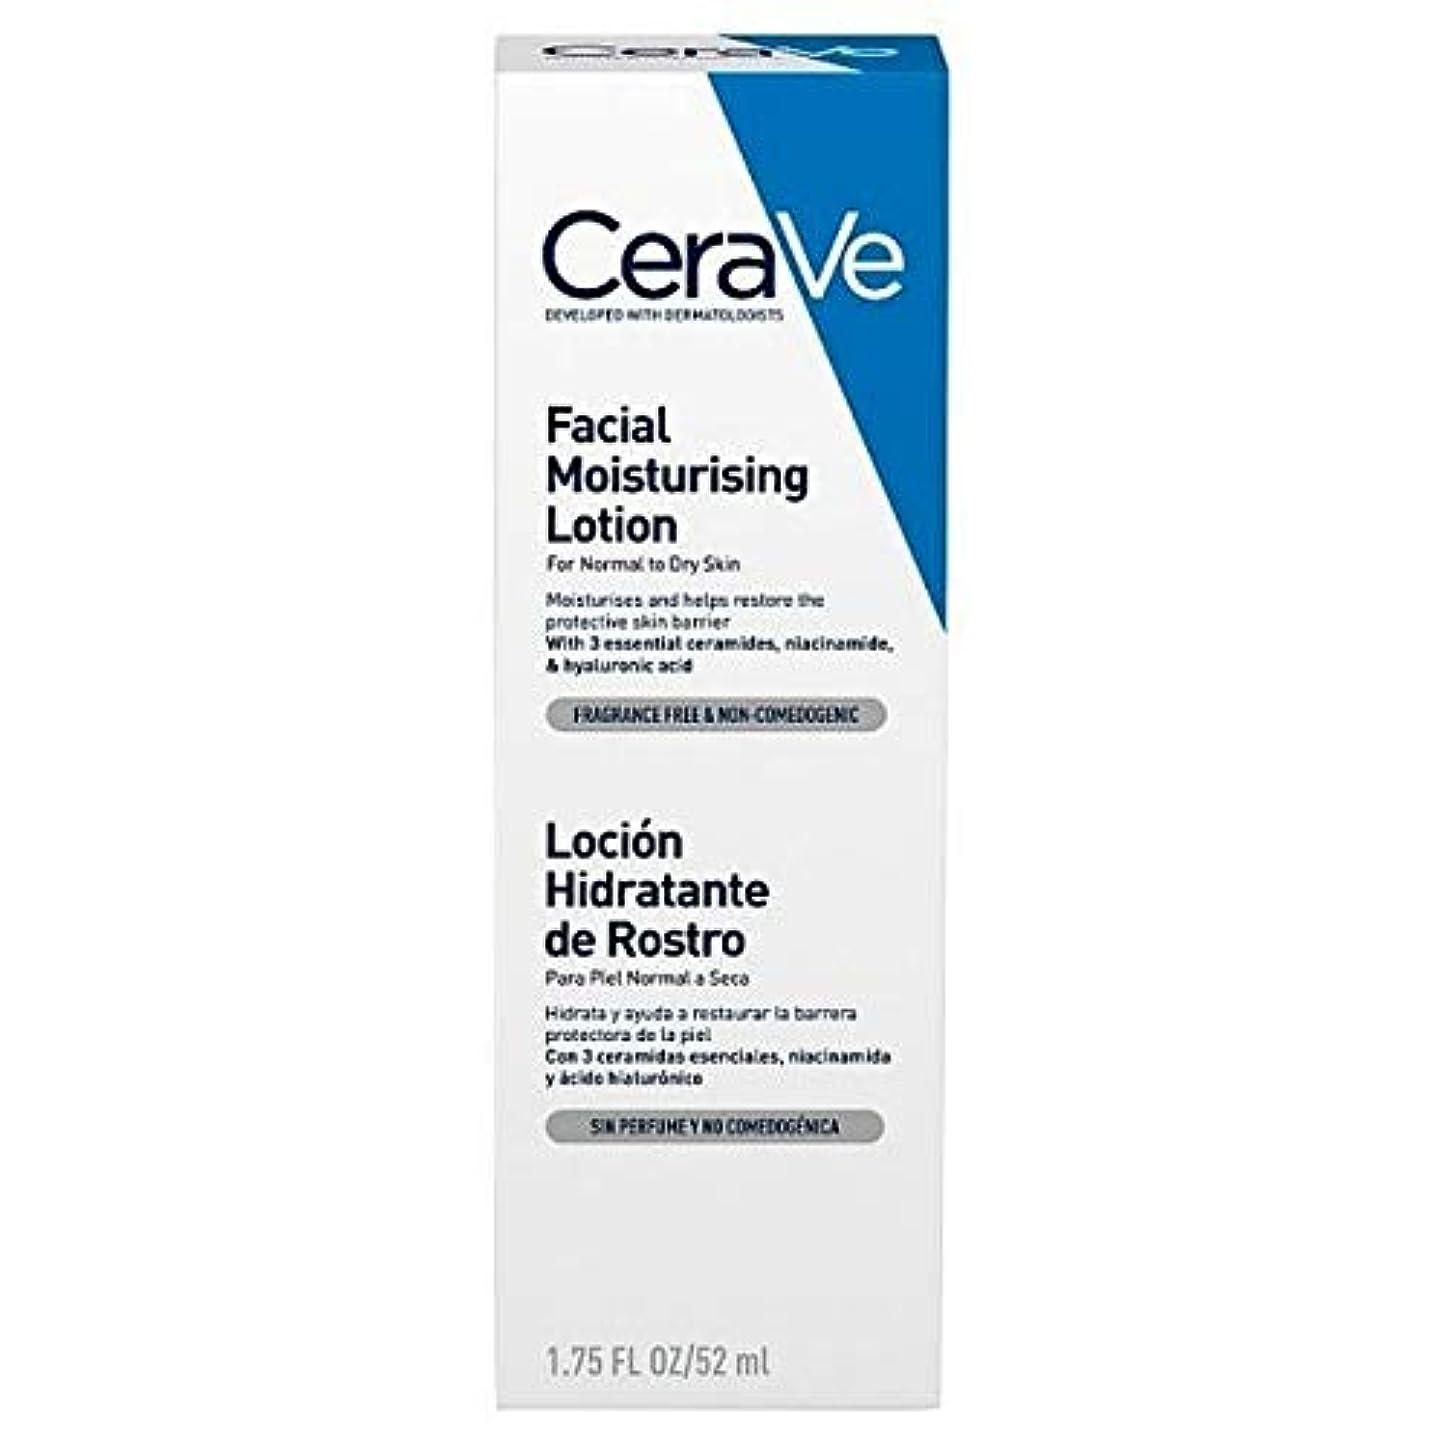 褐色シソーラスパース[CeraVe] Cerave顔の保湿ローション52ミリリットル - CeraVe Facial Moisturising Lotion 52ml [並行輸入品]